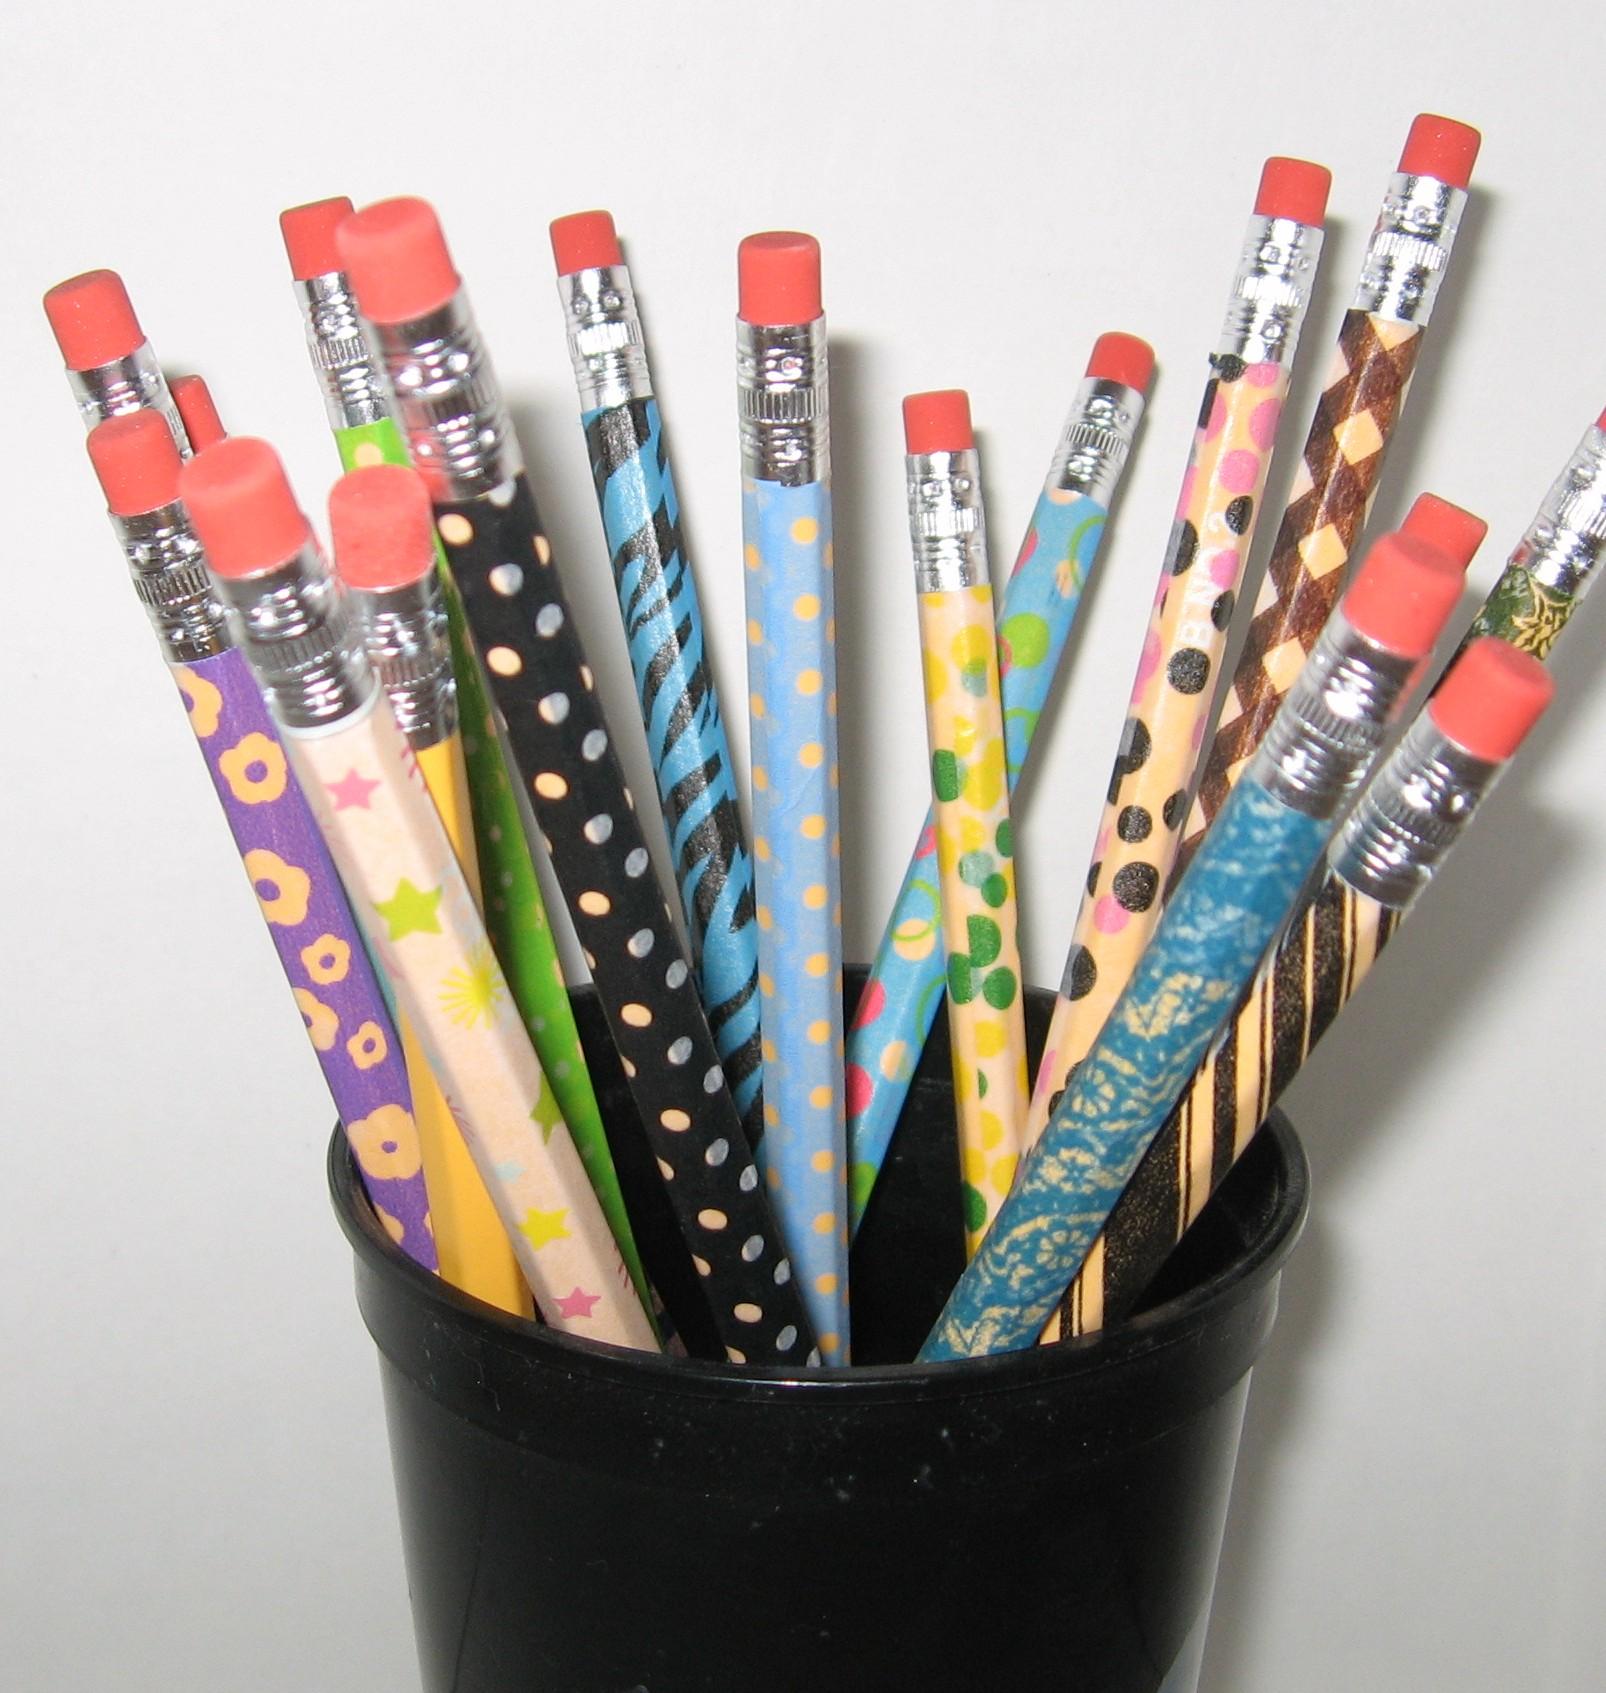 Dekortapasz a ceruzán - DIY iskolakezdési tippek